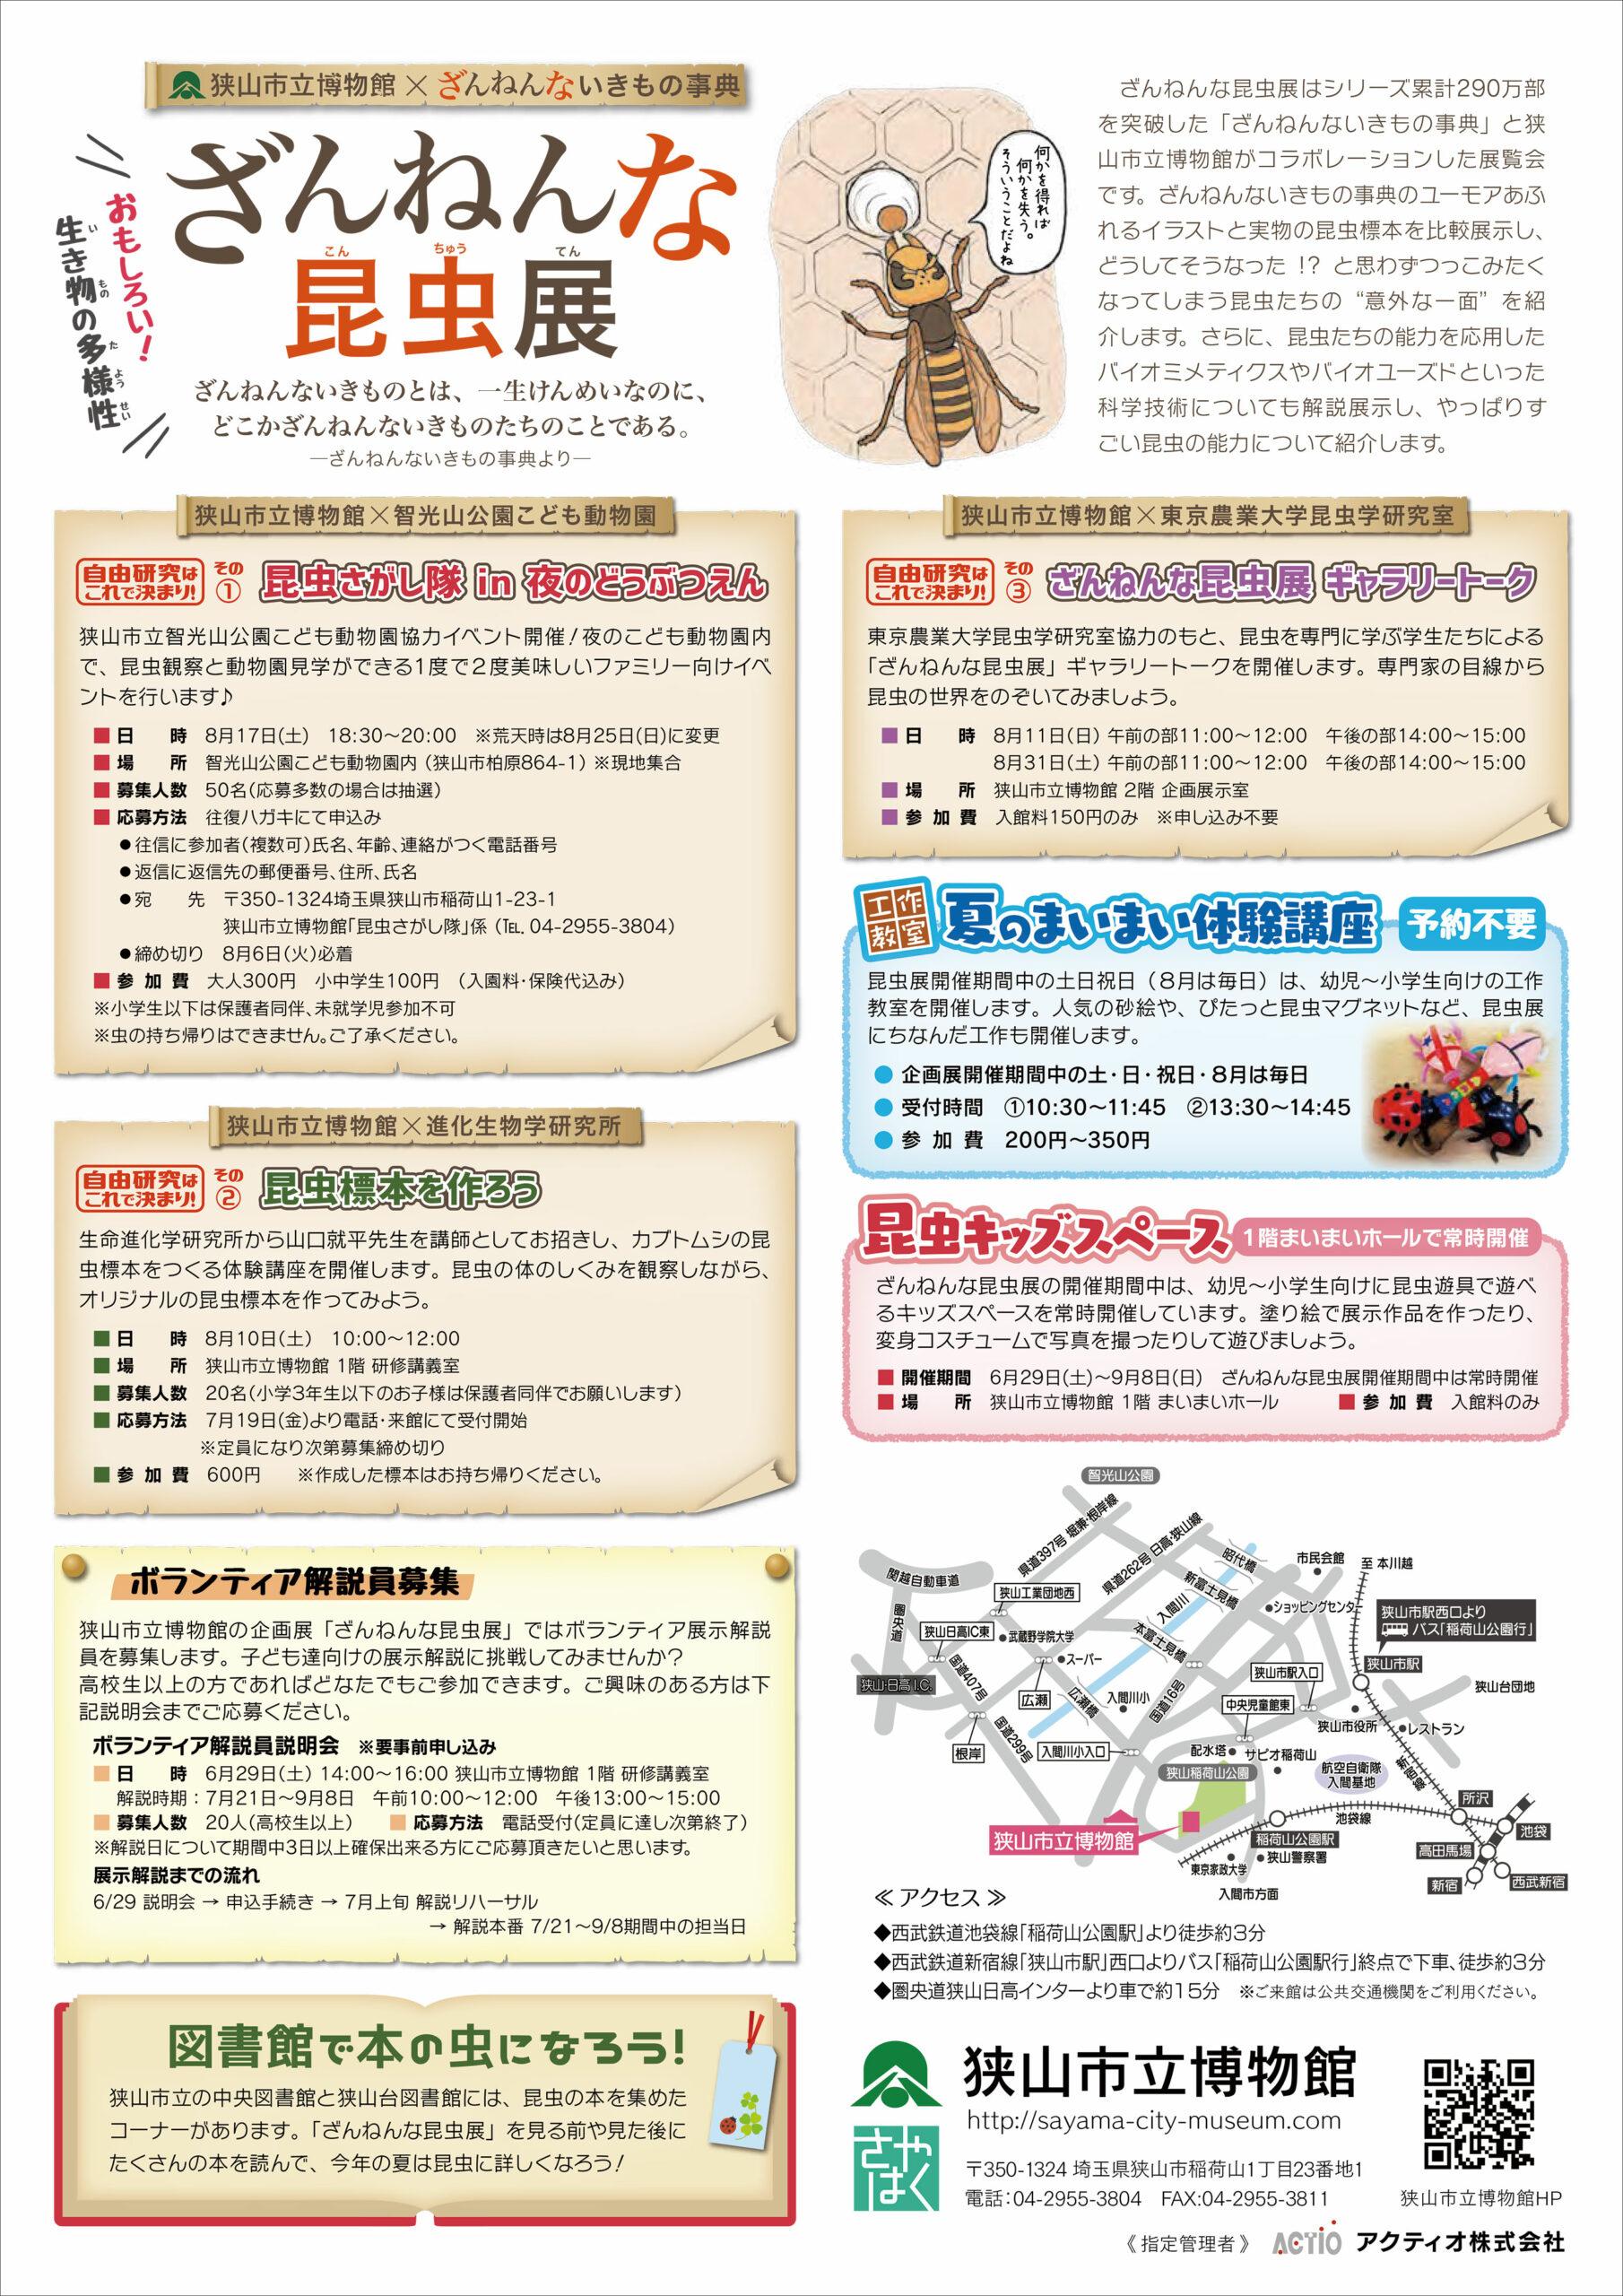 令和元年度 夏期企画展「ざんねんな昆虫展」